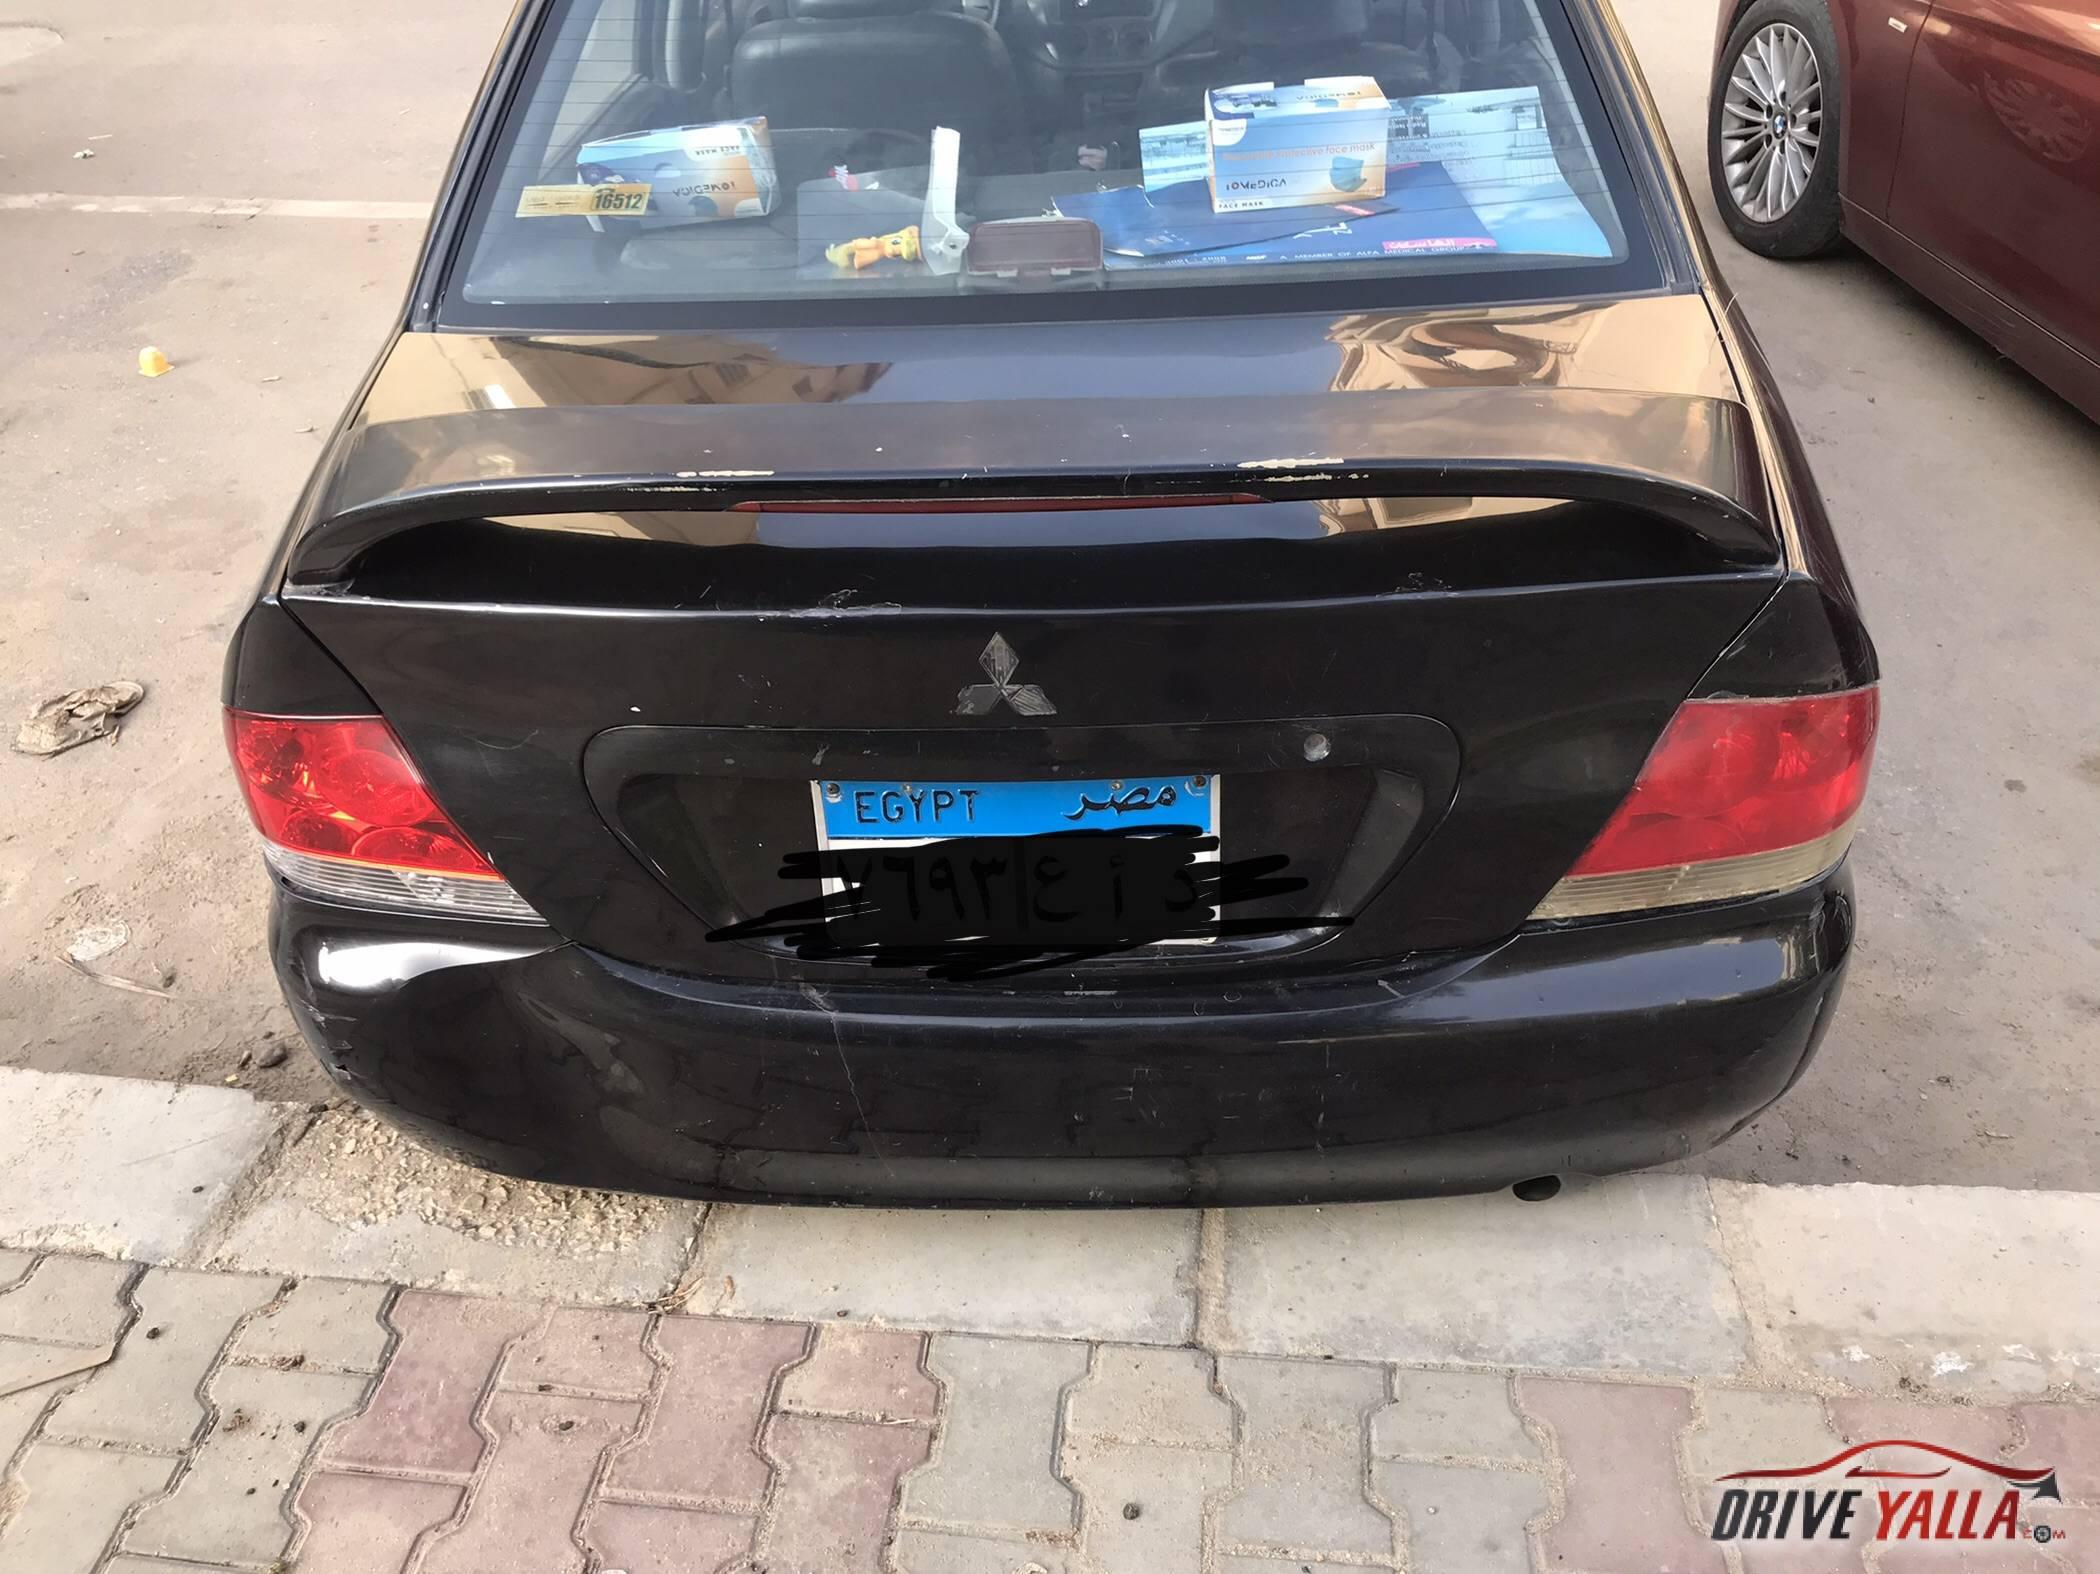 متسوبيشى لانسر مستعملة للبيع فى مصر موديل ٢٠١٠